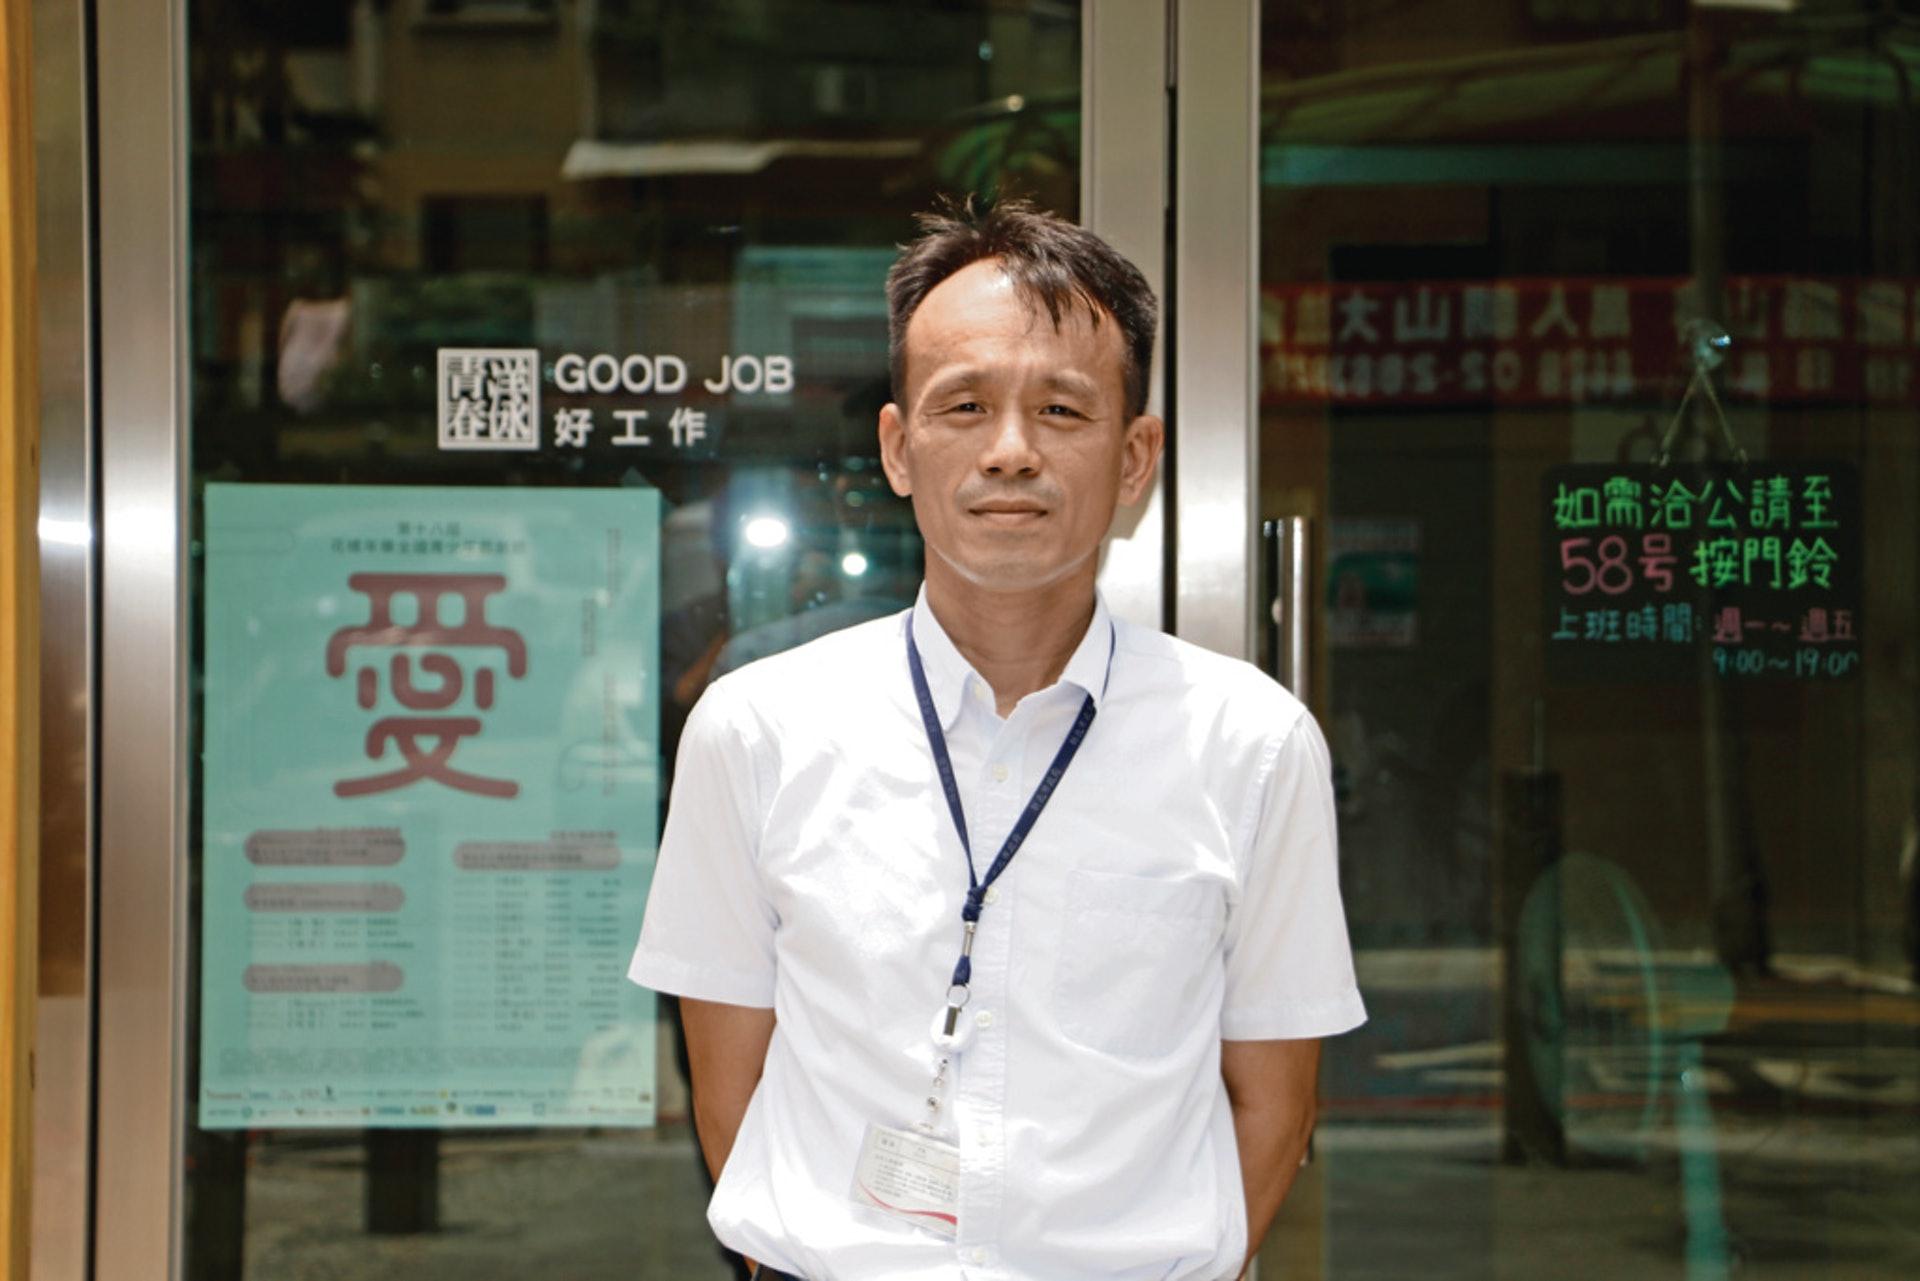 台灣新北市城鄉發展局局長鄭健志分享與玖樓團隊合作契機(杜晉軒攝)